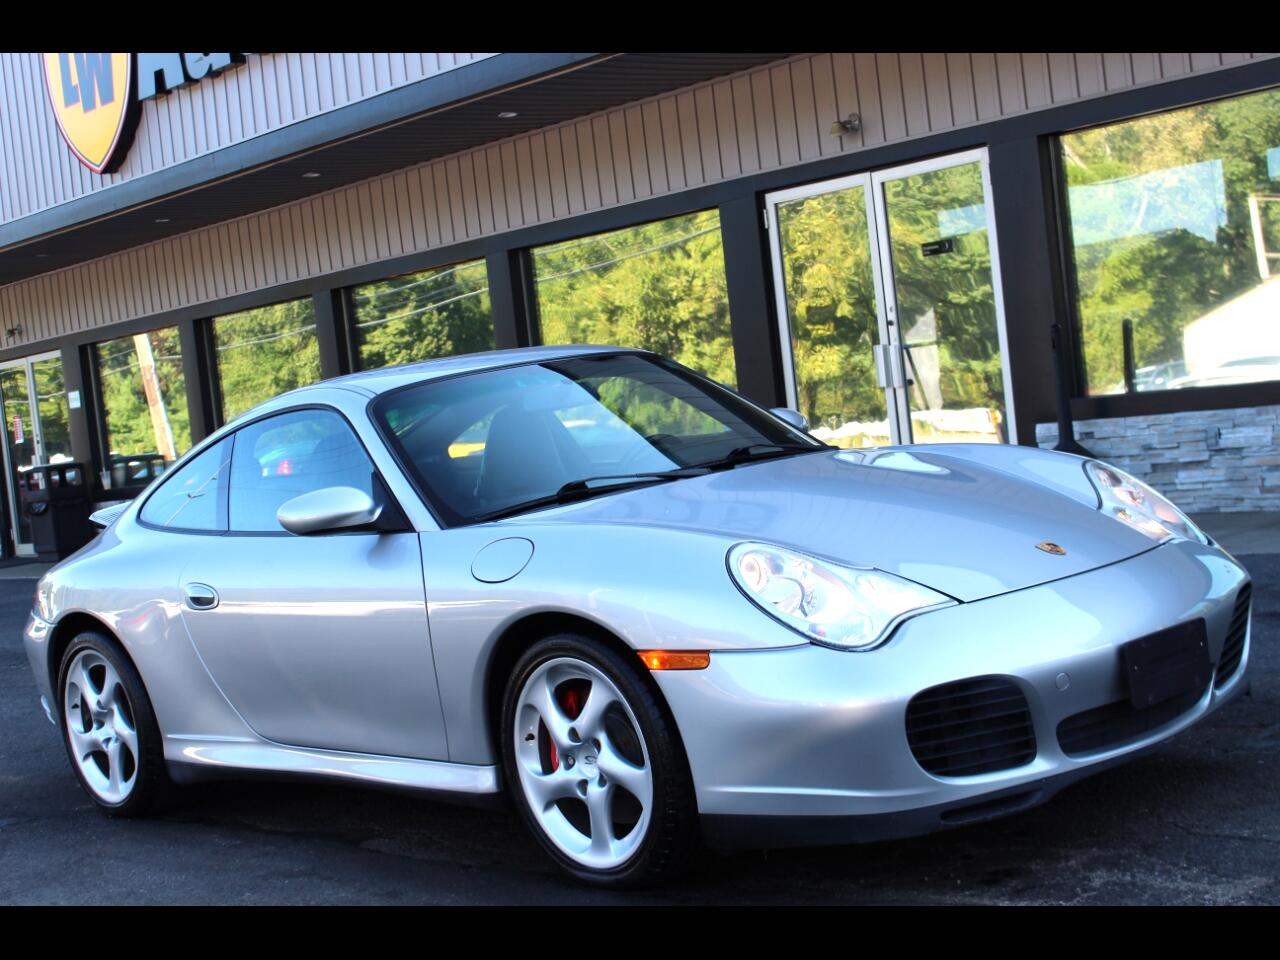 Porsche 911 Carrera 2dr Carrera 4 S Cpe Tiptronic 2002